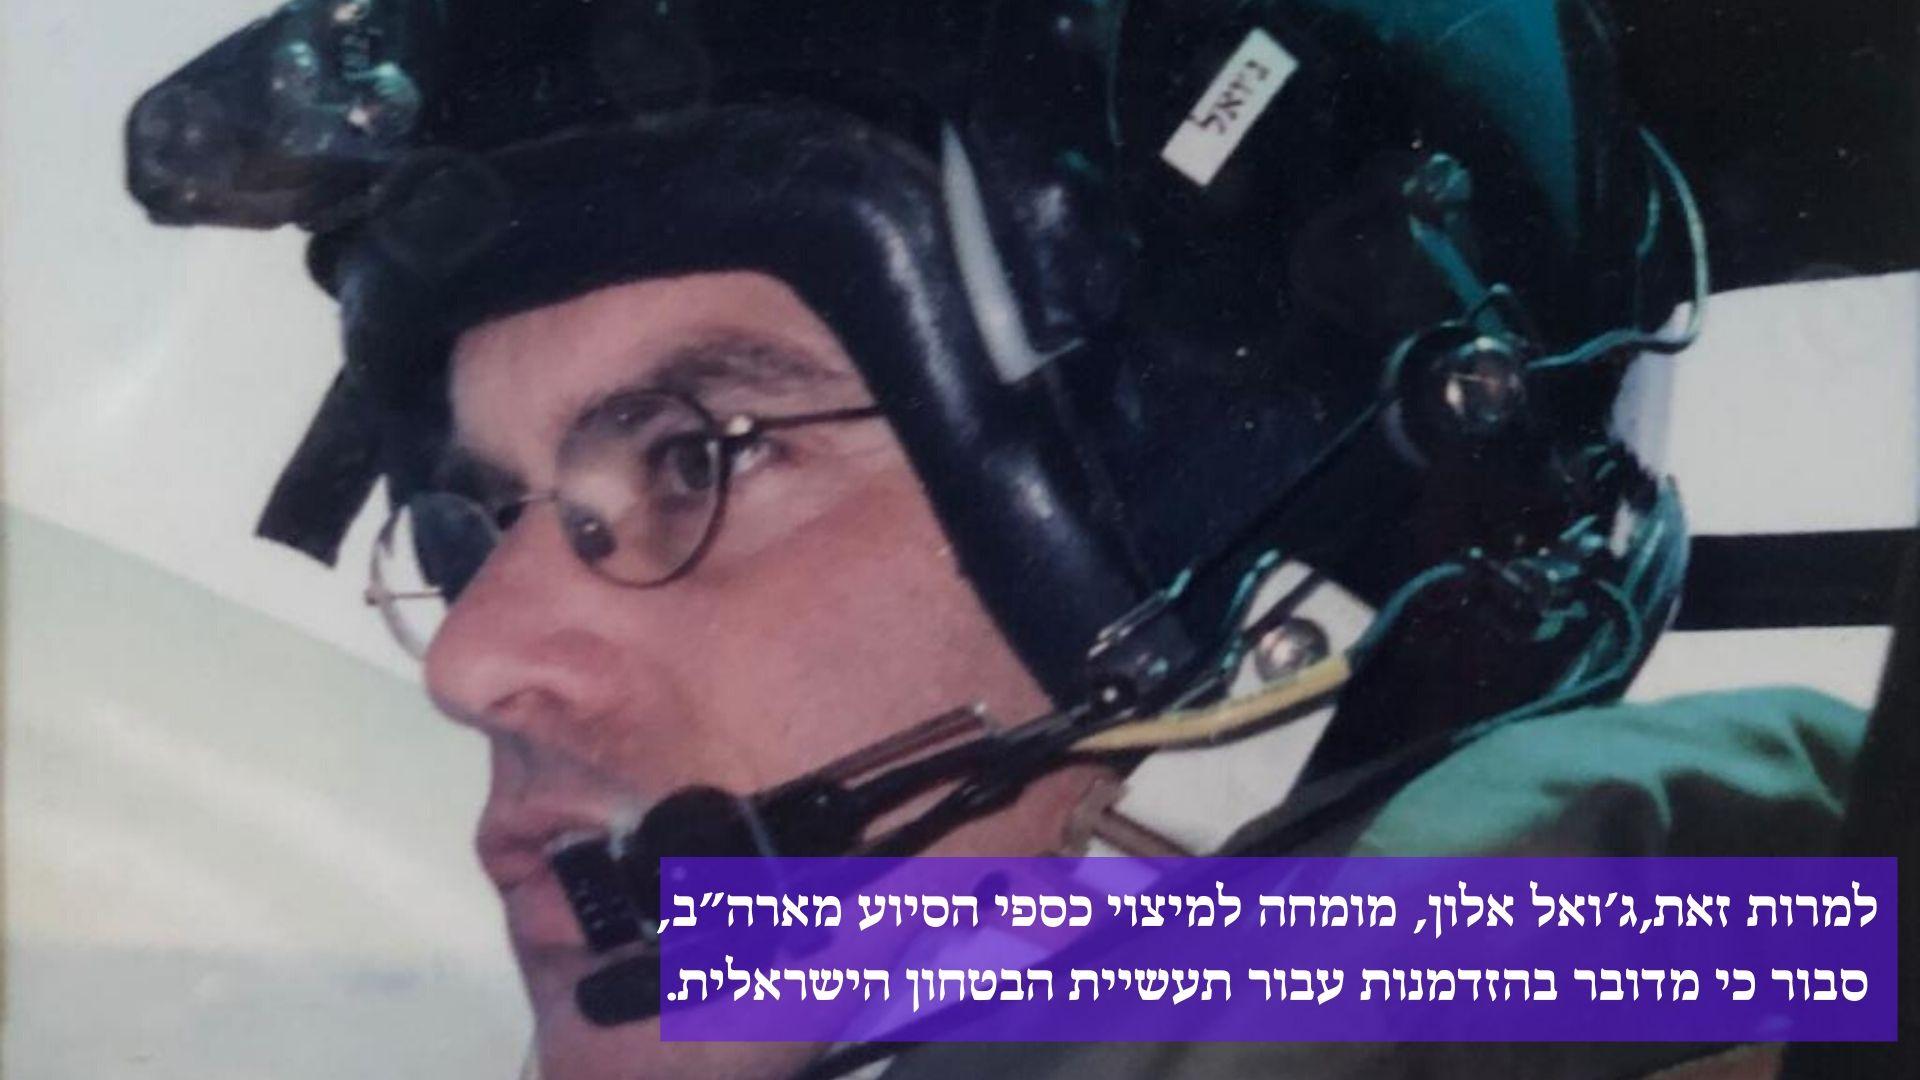 """ג'ואל אלון: """"בשורה לתעשייה הבטחונית בישראל"""""""